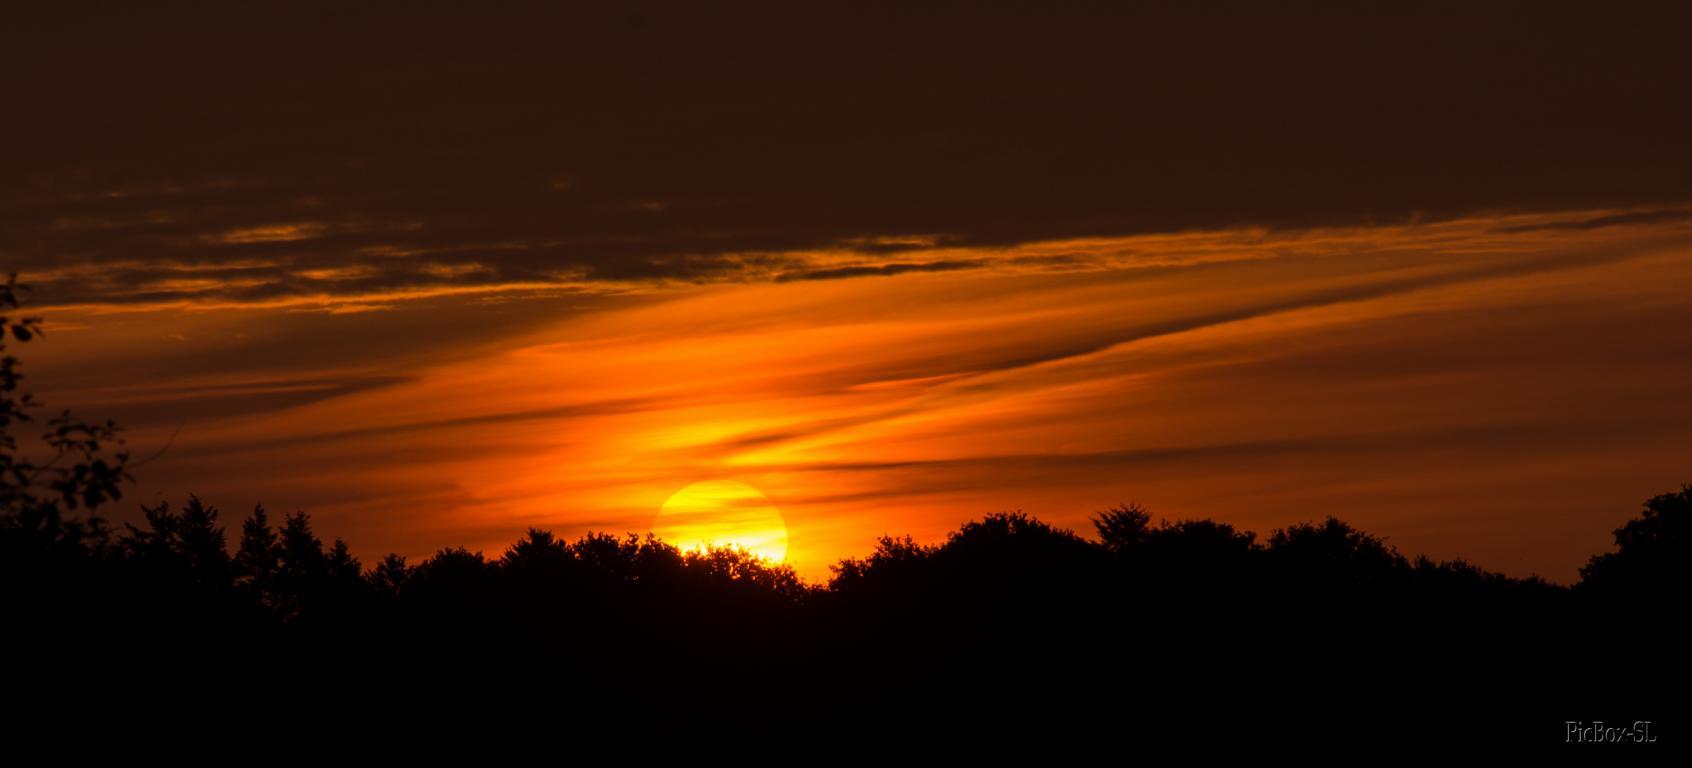 Sunrise_22052015 (2 von 2)